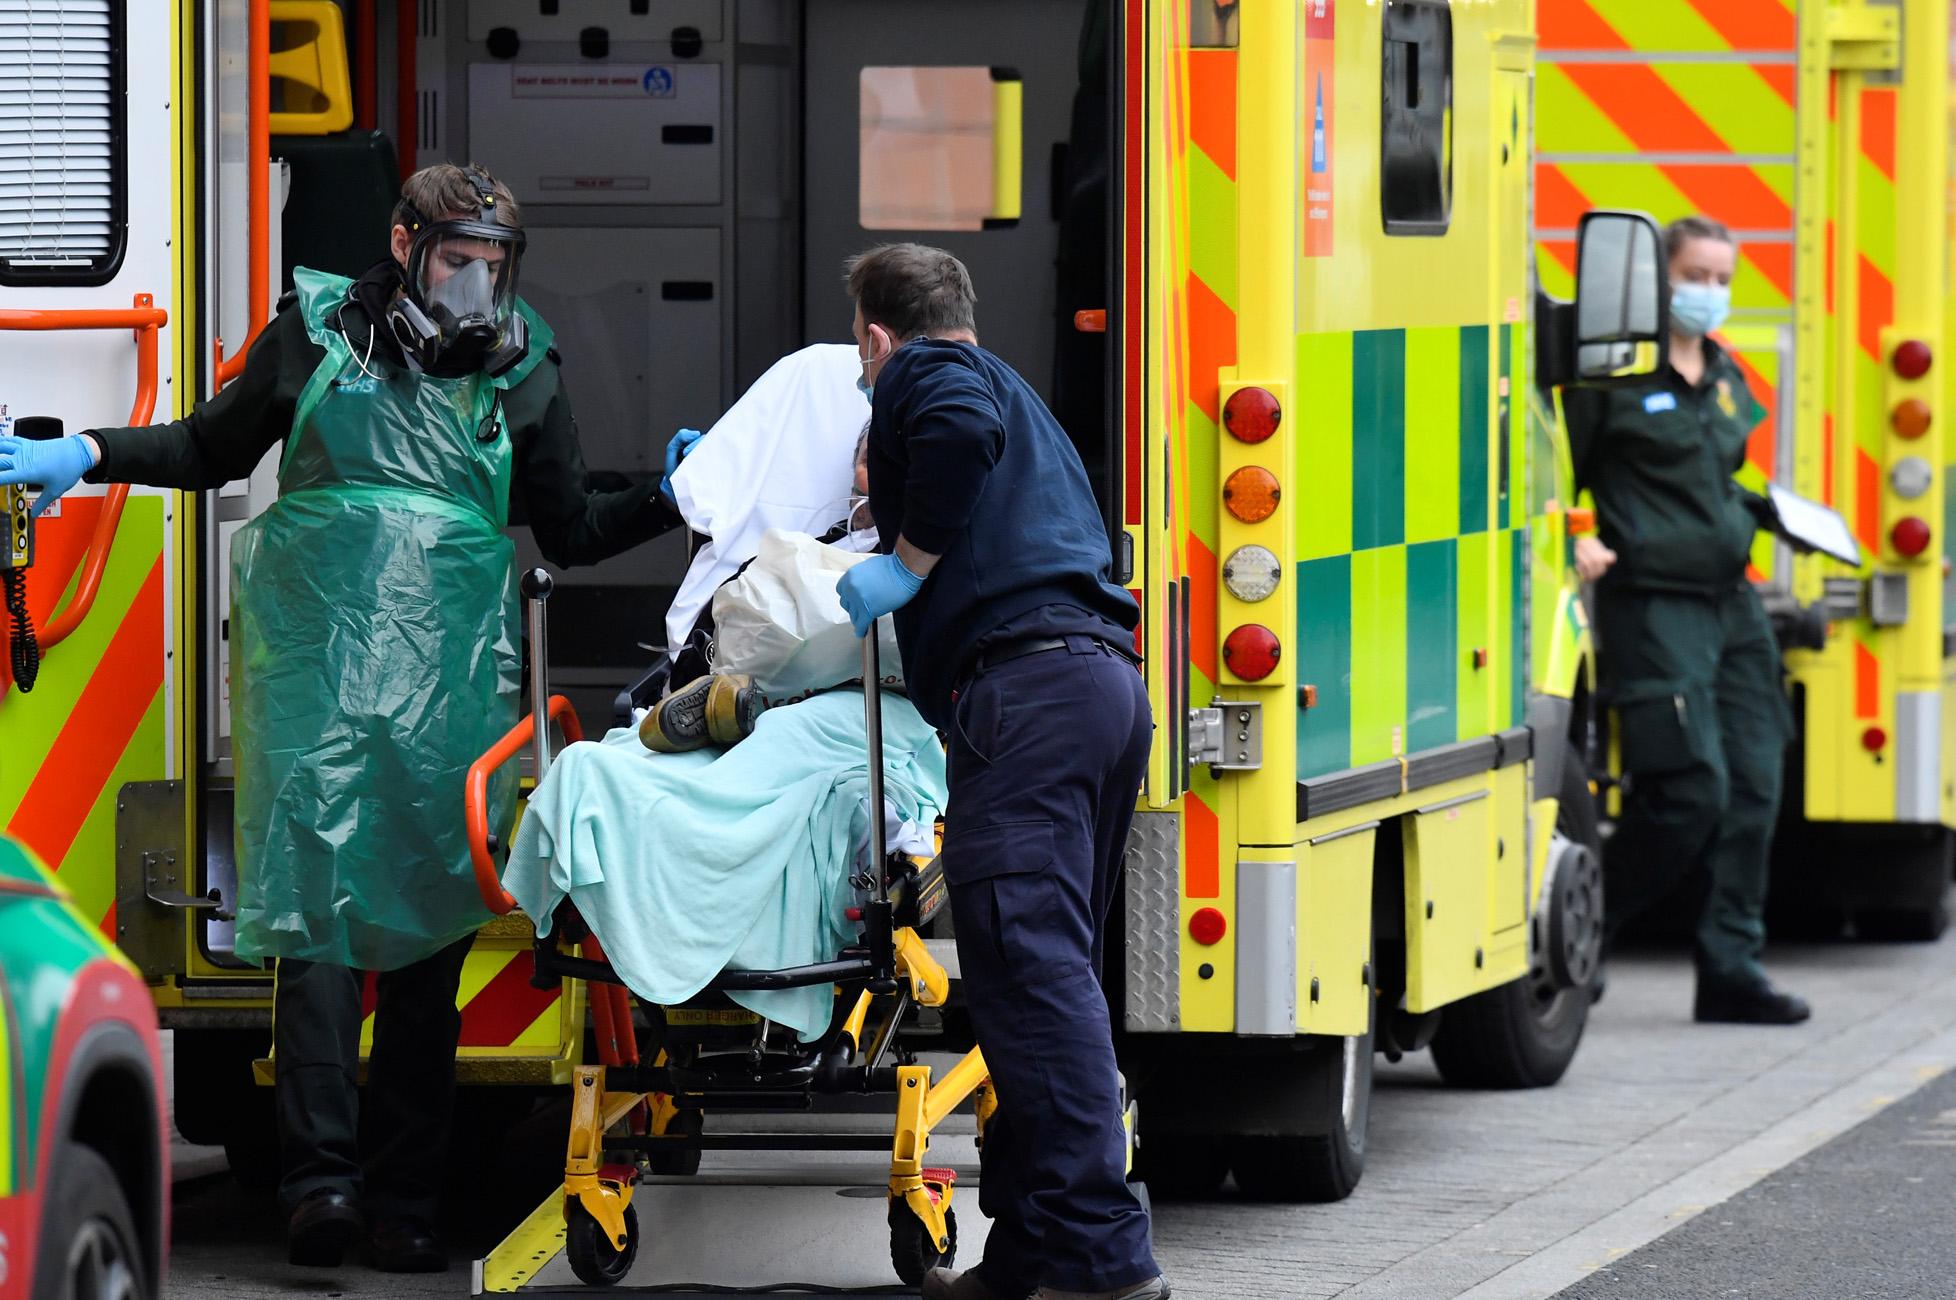 Βρετανία – Κορονοϊός: Θλιβερό ρεκόρ με 1.820 νέους θανάτους